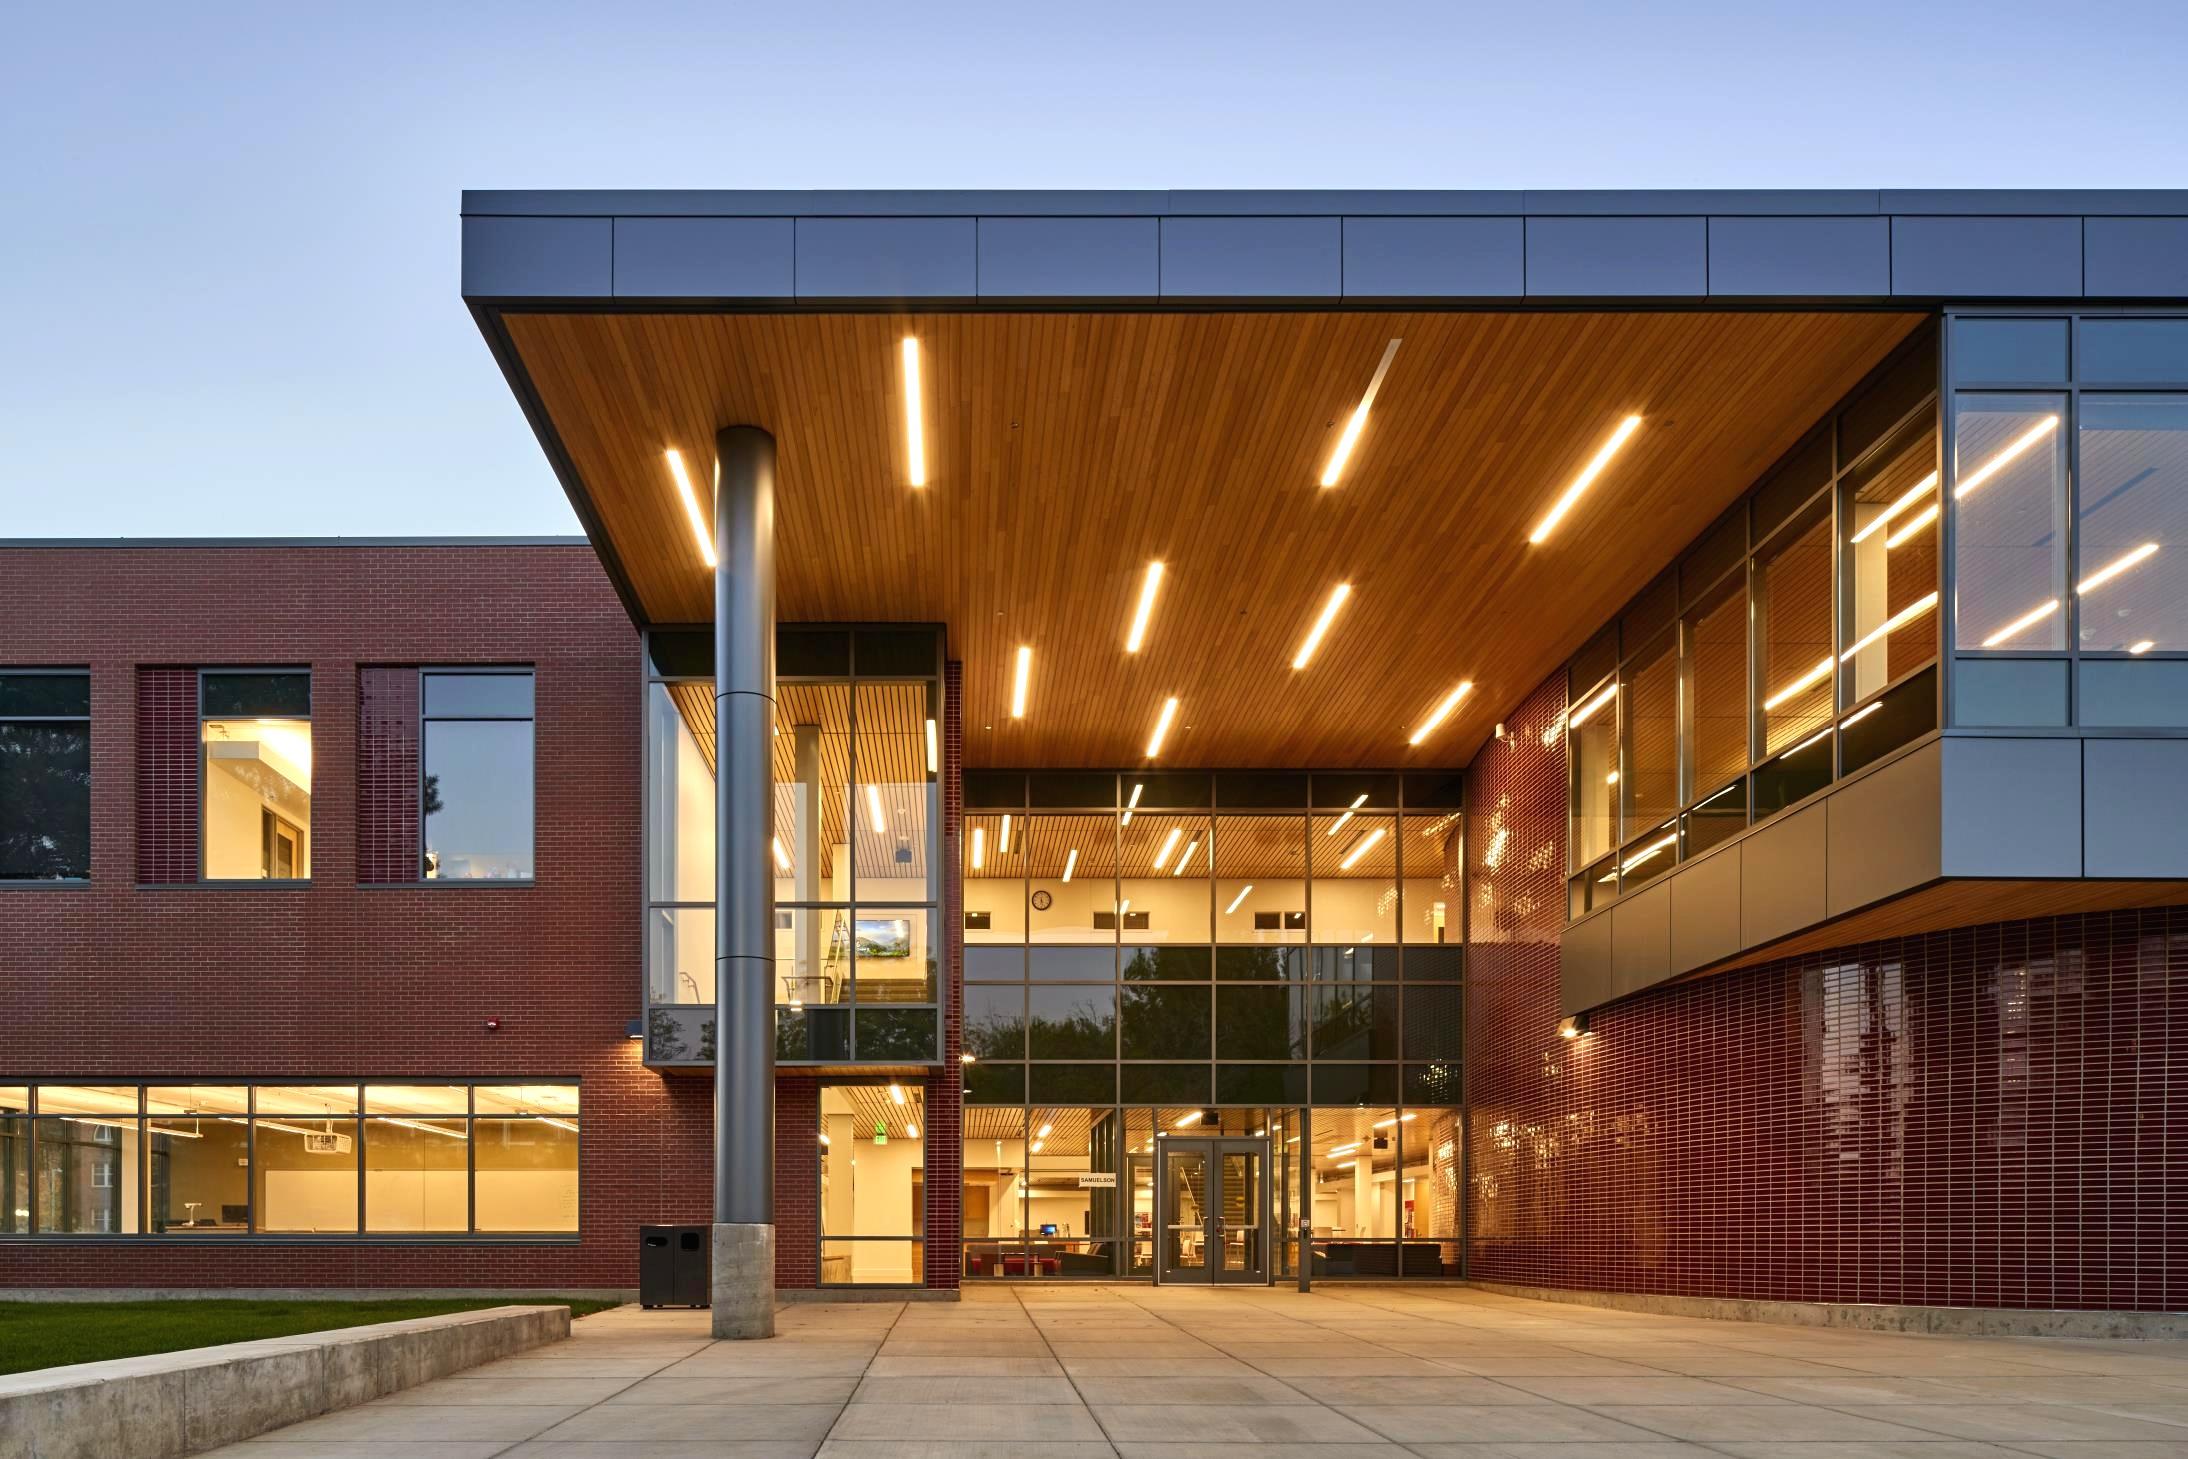 Samuelson Center